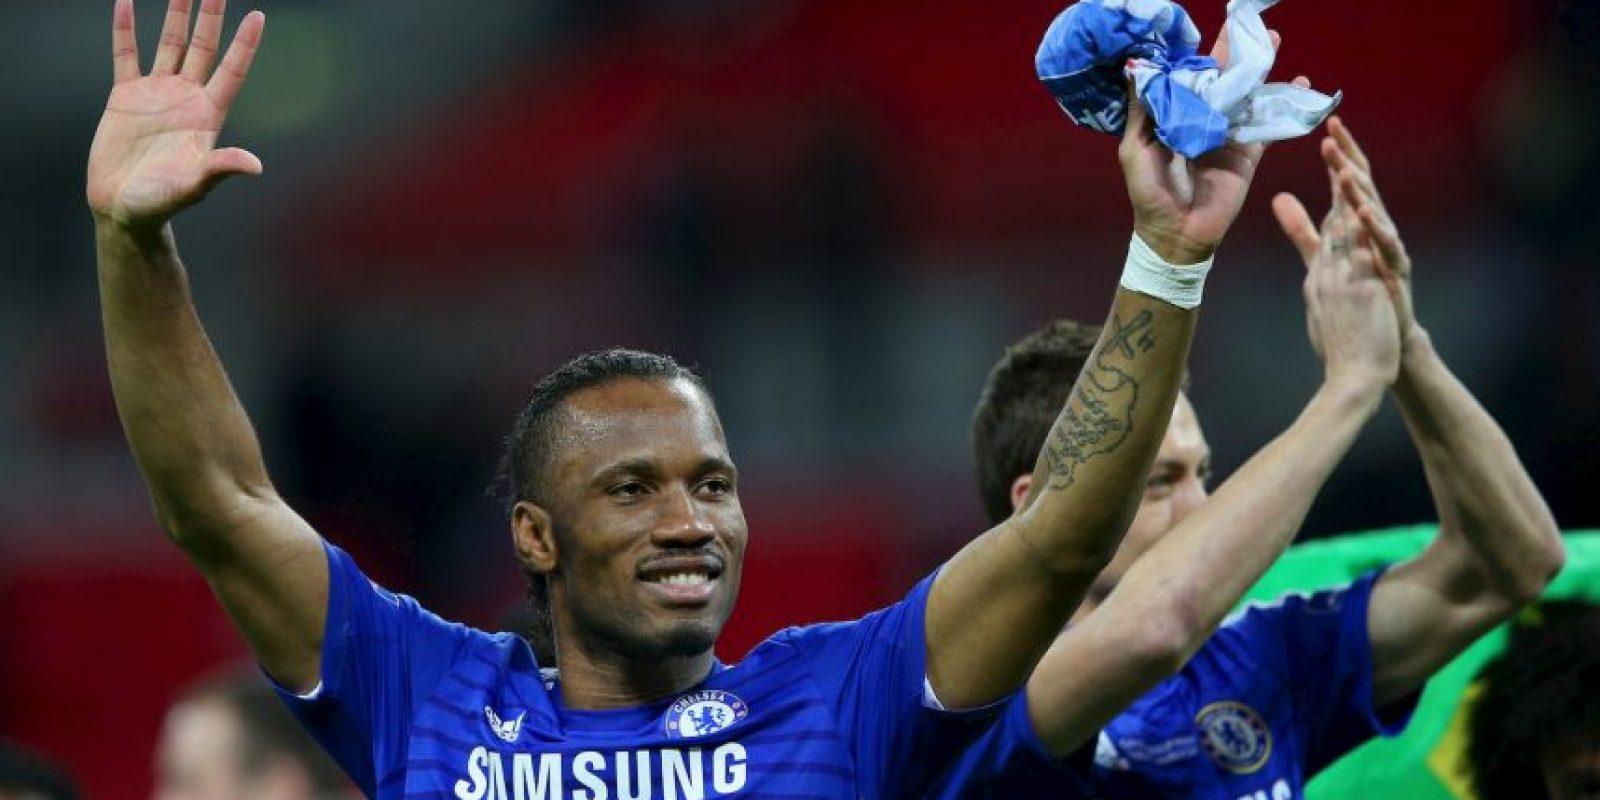 Con 37 años de edad, Didier Drogba anunció que la próxima temporada seguirá jugando fútbol como profesional. Foto:Getty Images